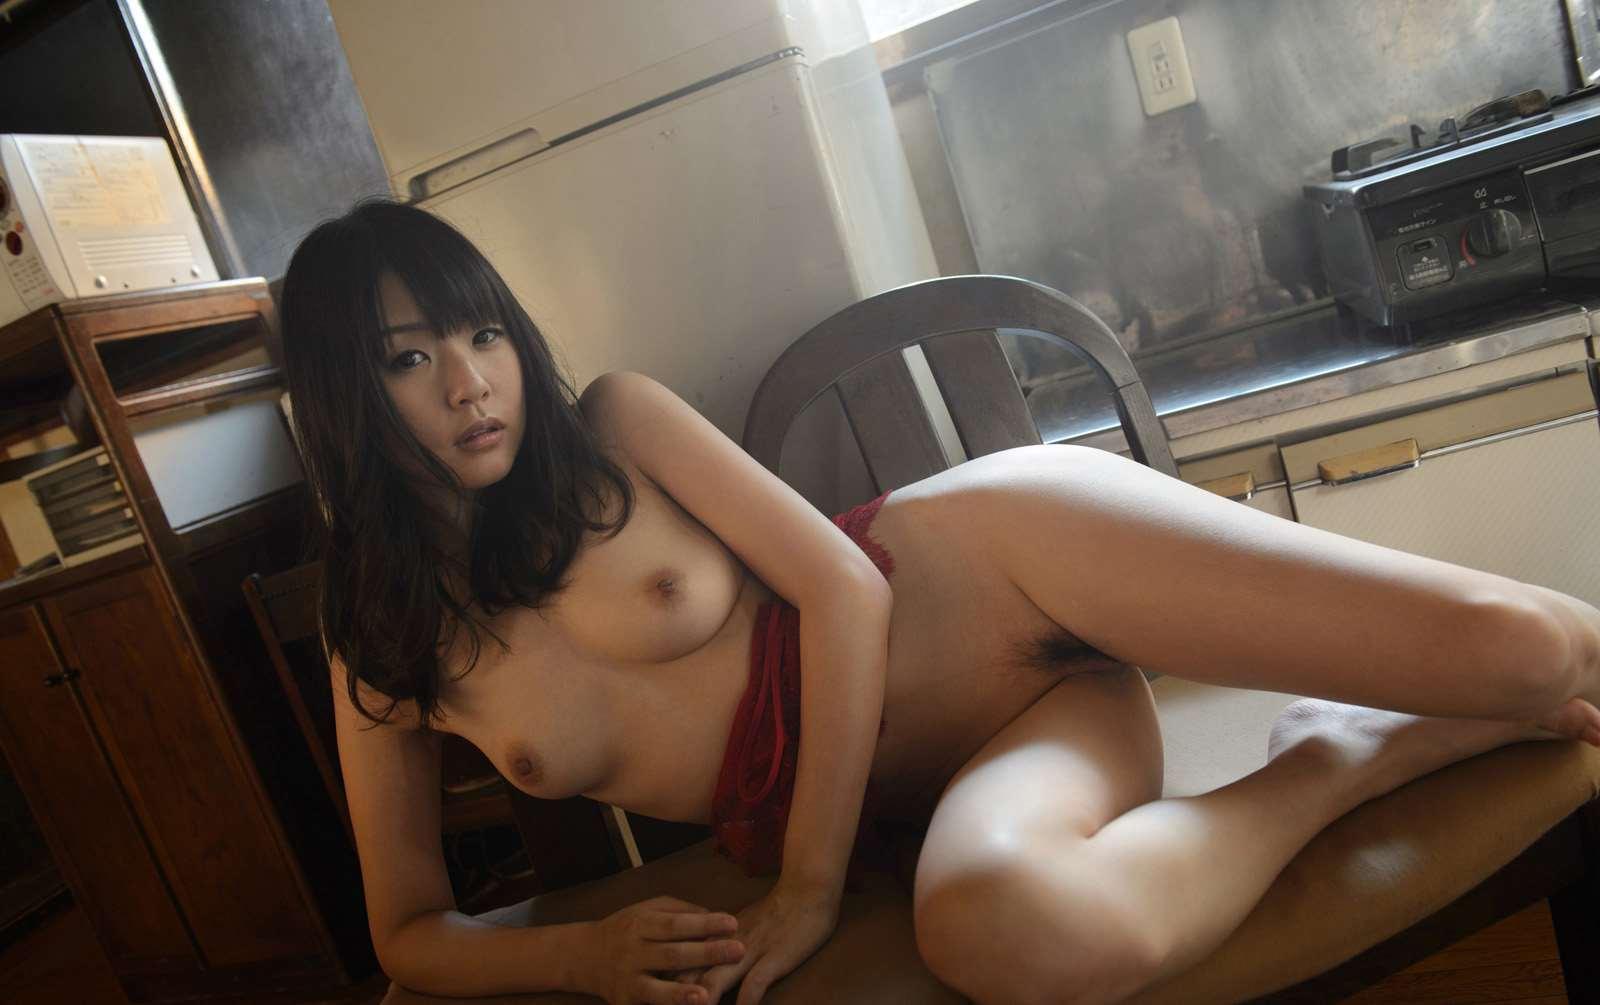 つぼみ (AV女優) ヌード画像 118